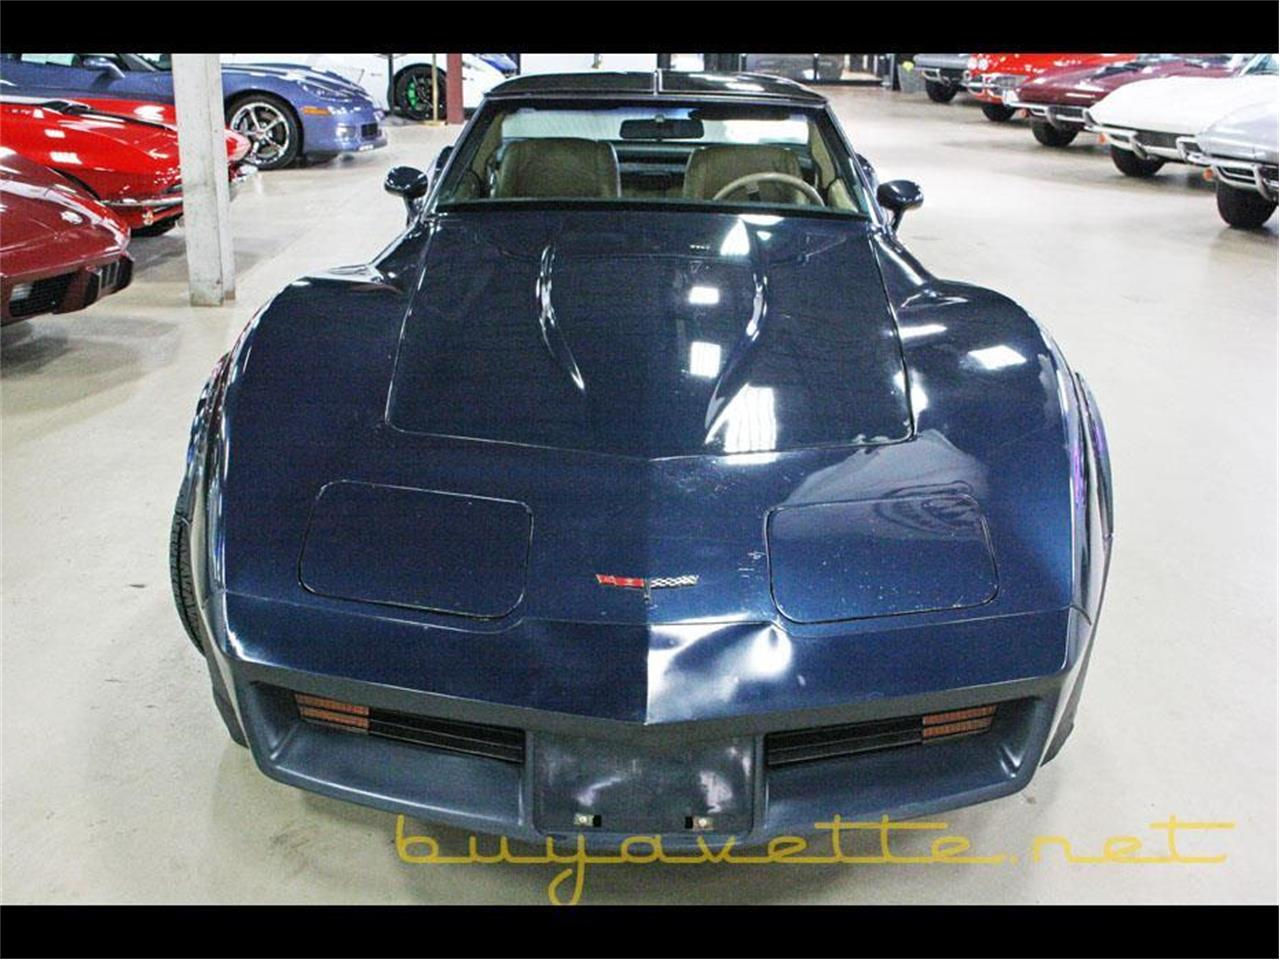 Large Picture of '81 Chevrolet Corvette located in Atlanta Georgia - $13,999.00 - L3DP